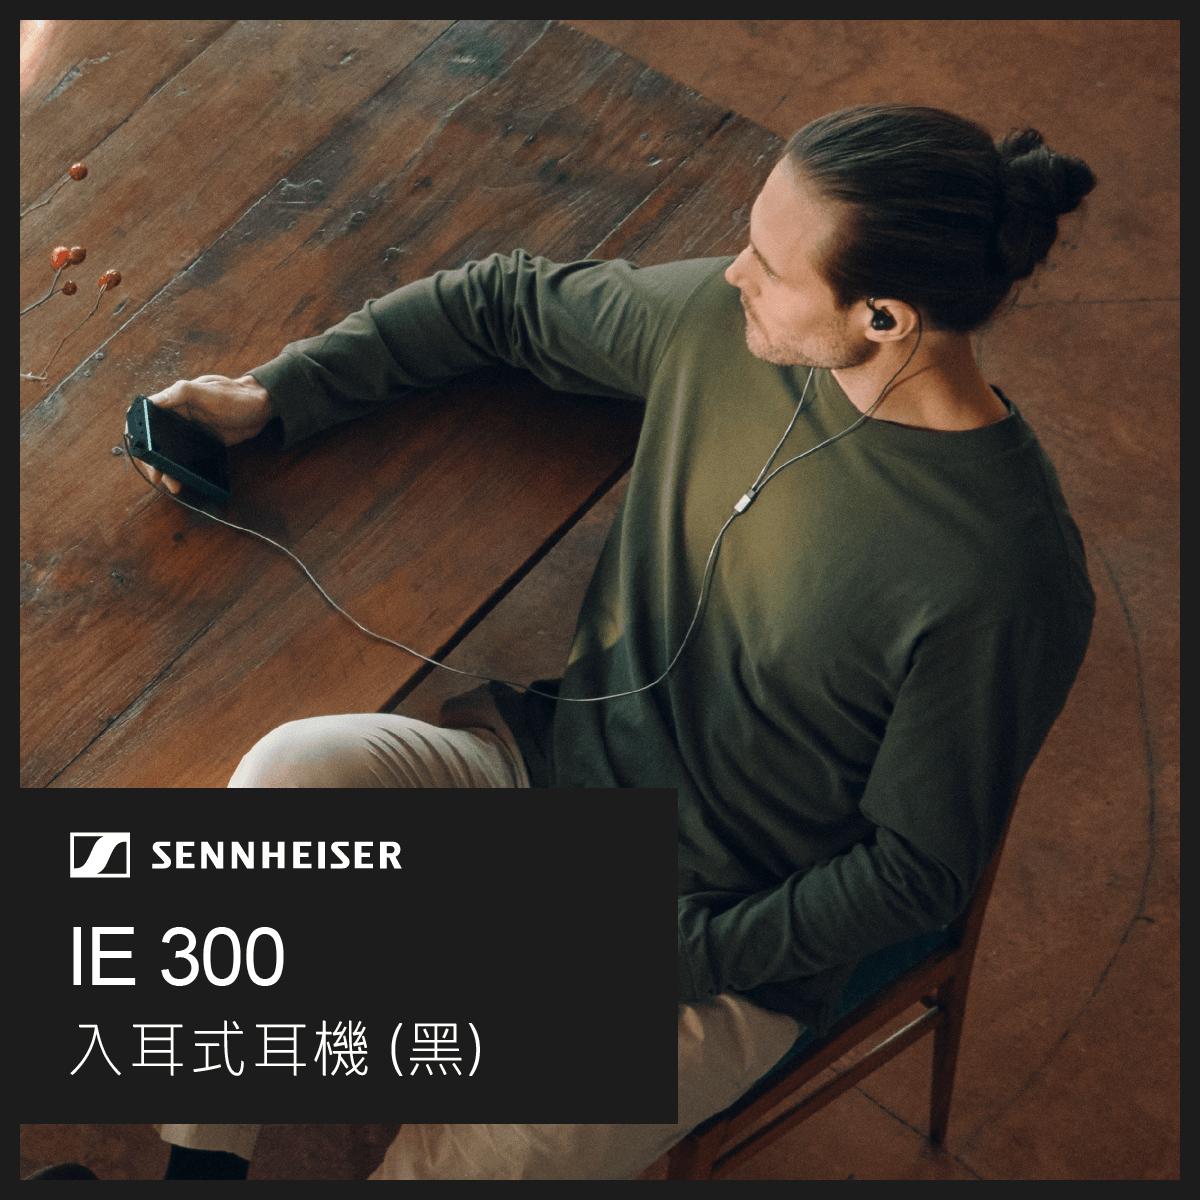 Sennheiser IE 300